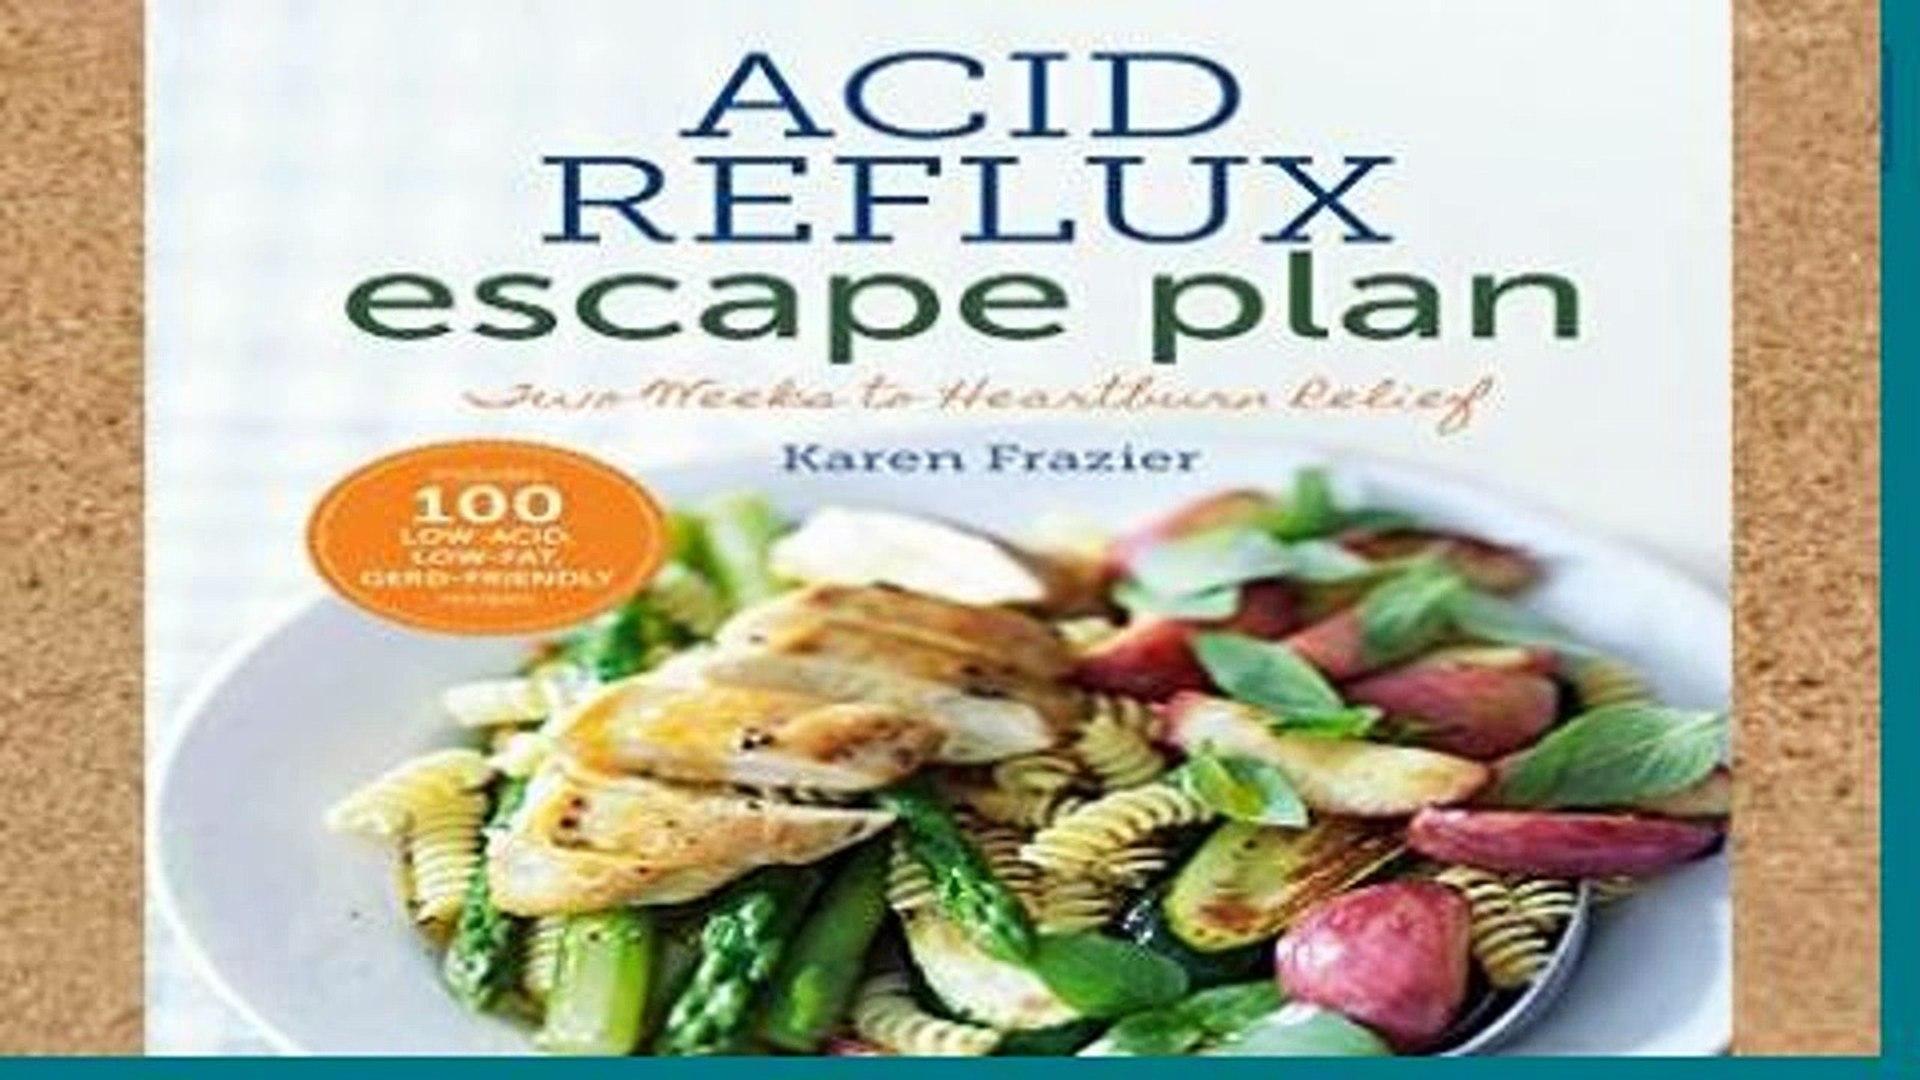 Review The Acid Reflux Escape Plan (Special Diets)